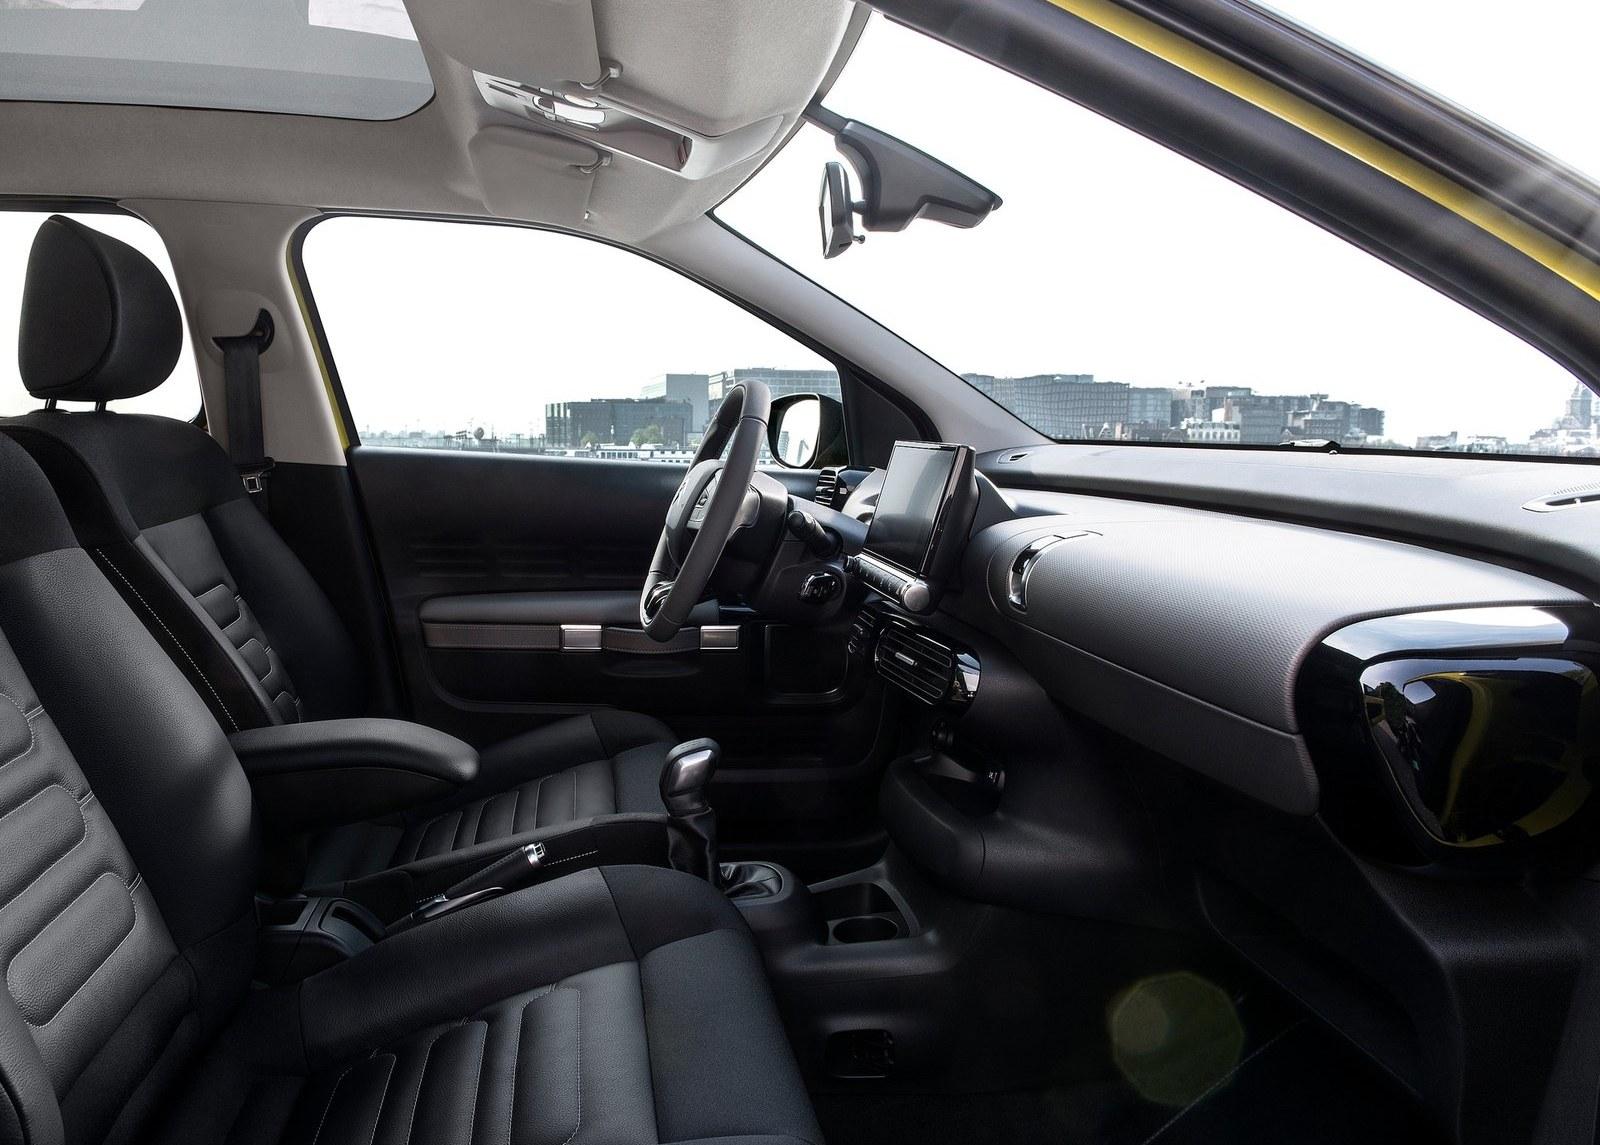 2015 Citroen C4 Cactus Front Seats Interior